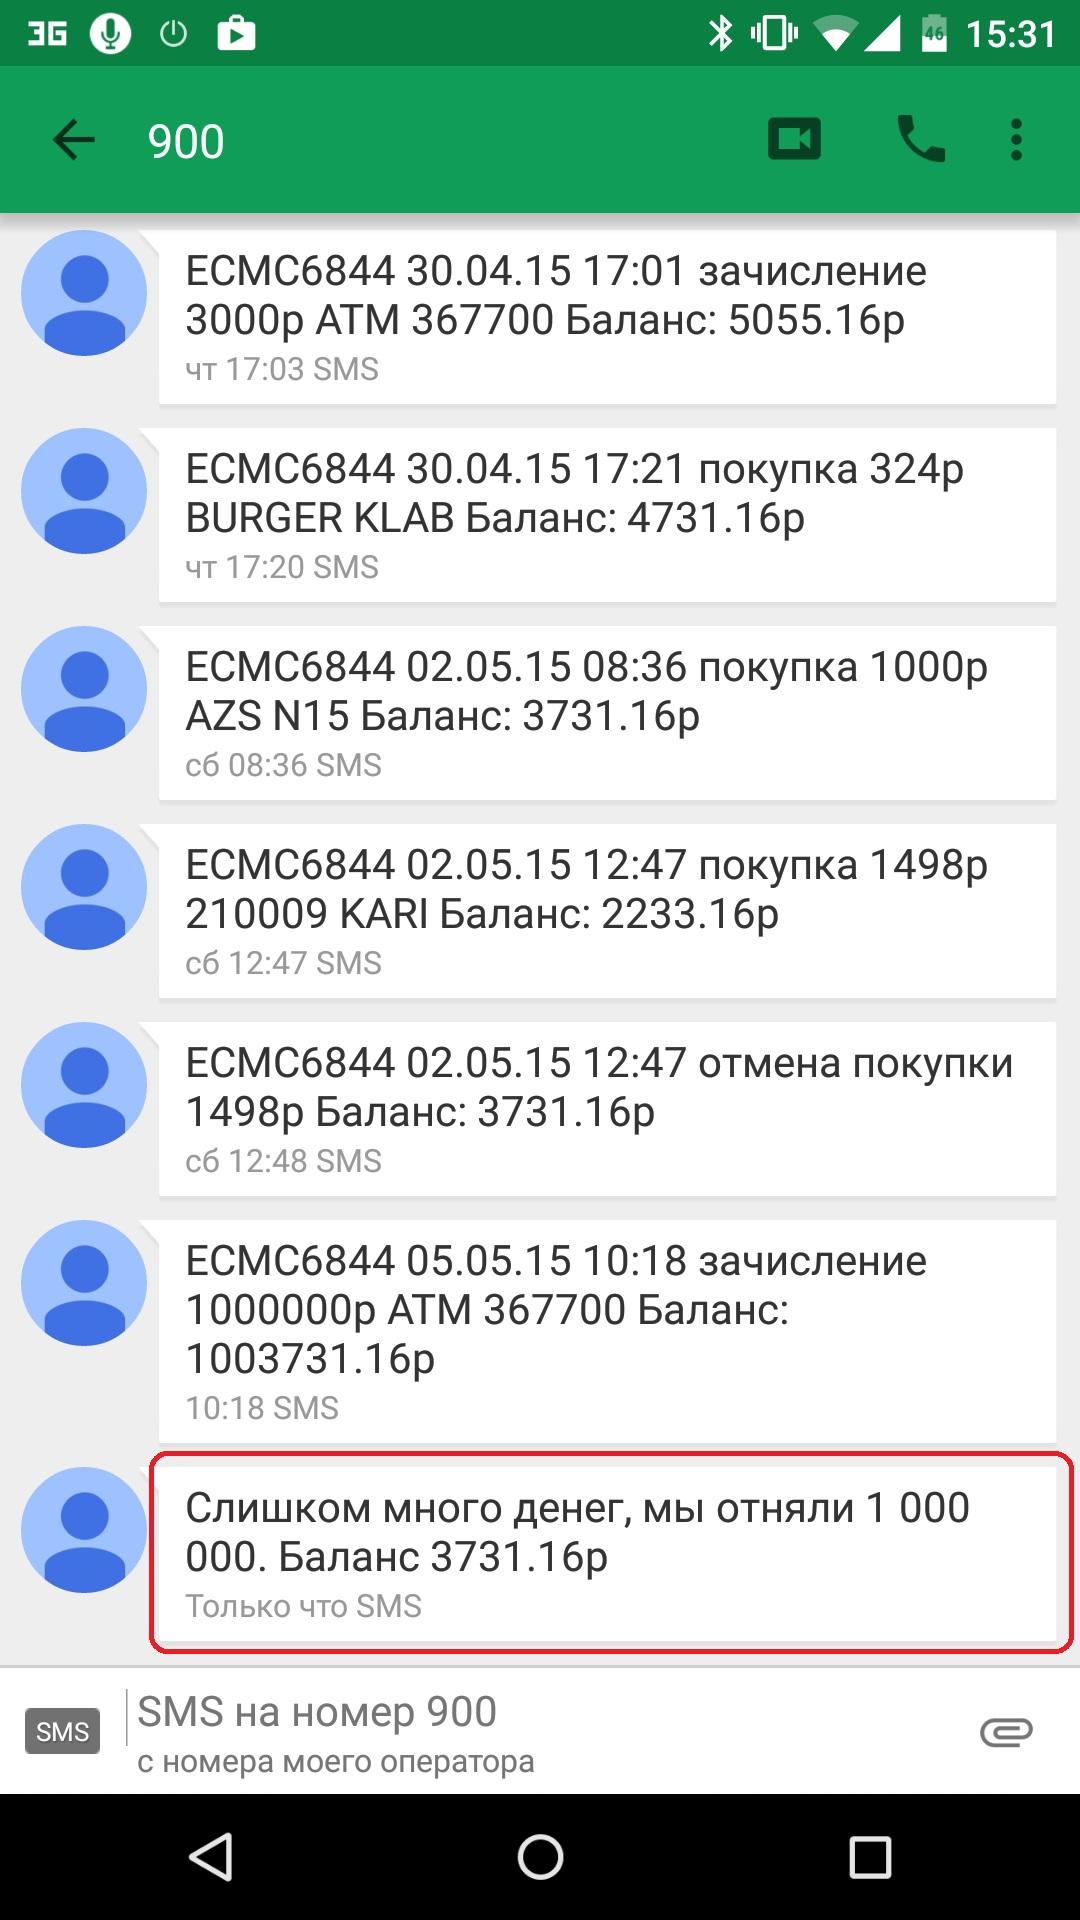 Добавляем новую СМС в существующий разговор